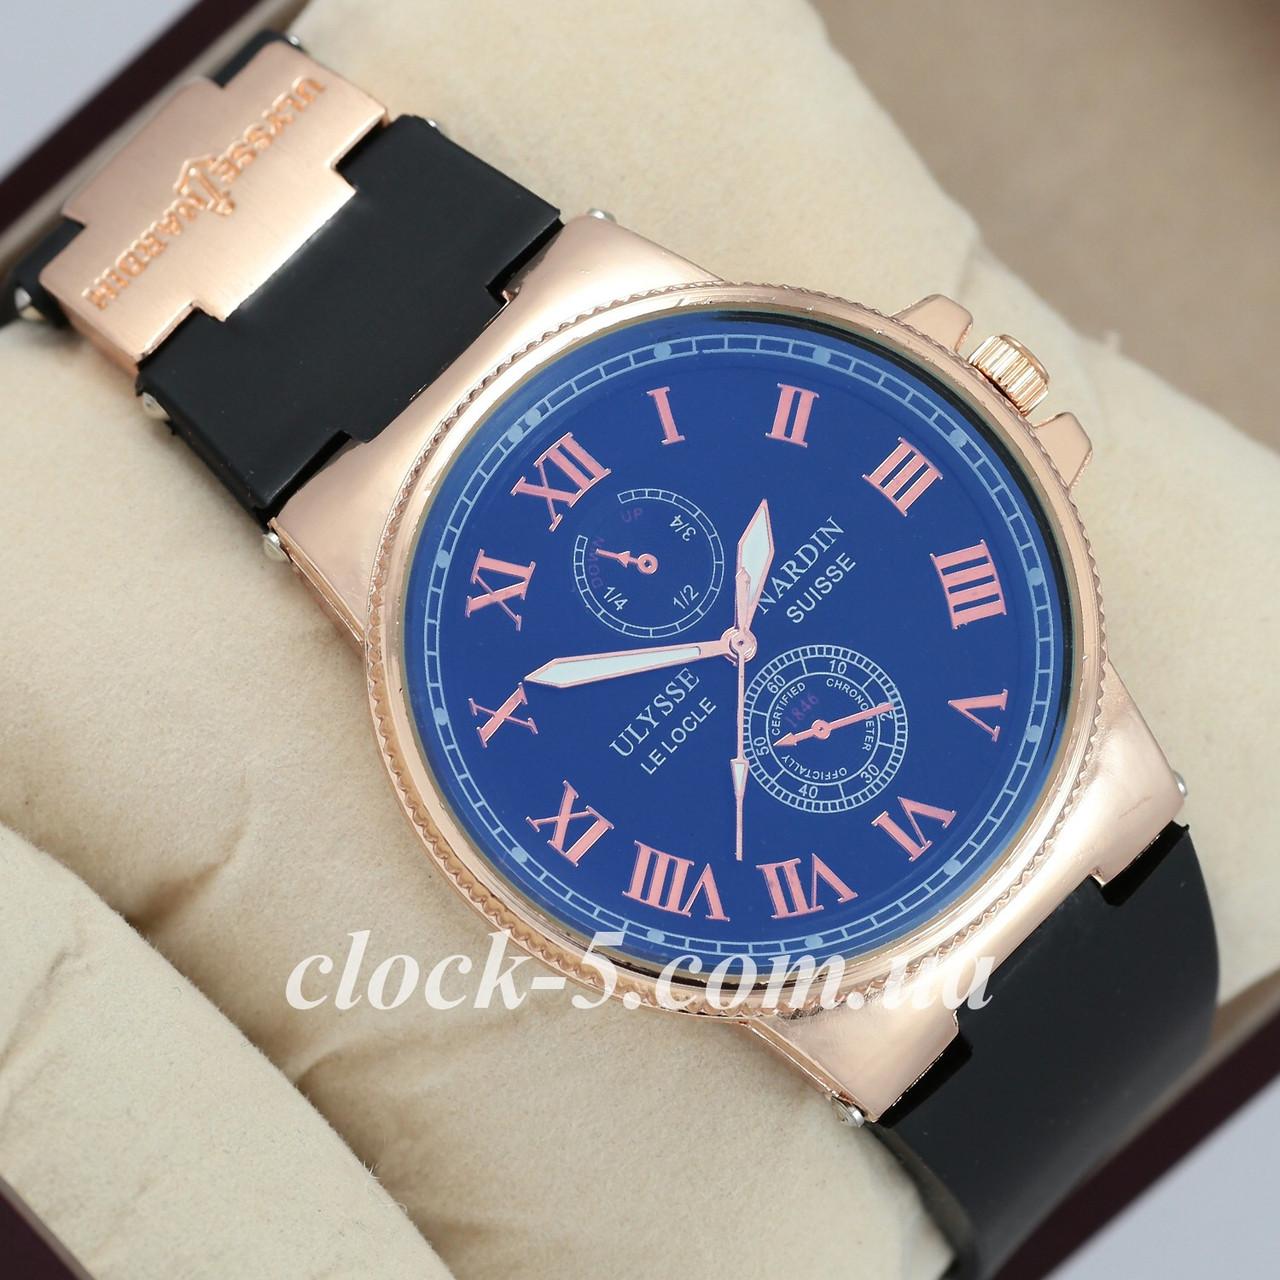 Часы мужские Ulysse Nardin, часы Улис Нардин  продажа, цена в Киеве ... f98b1b1dacb